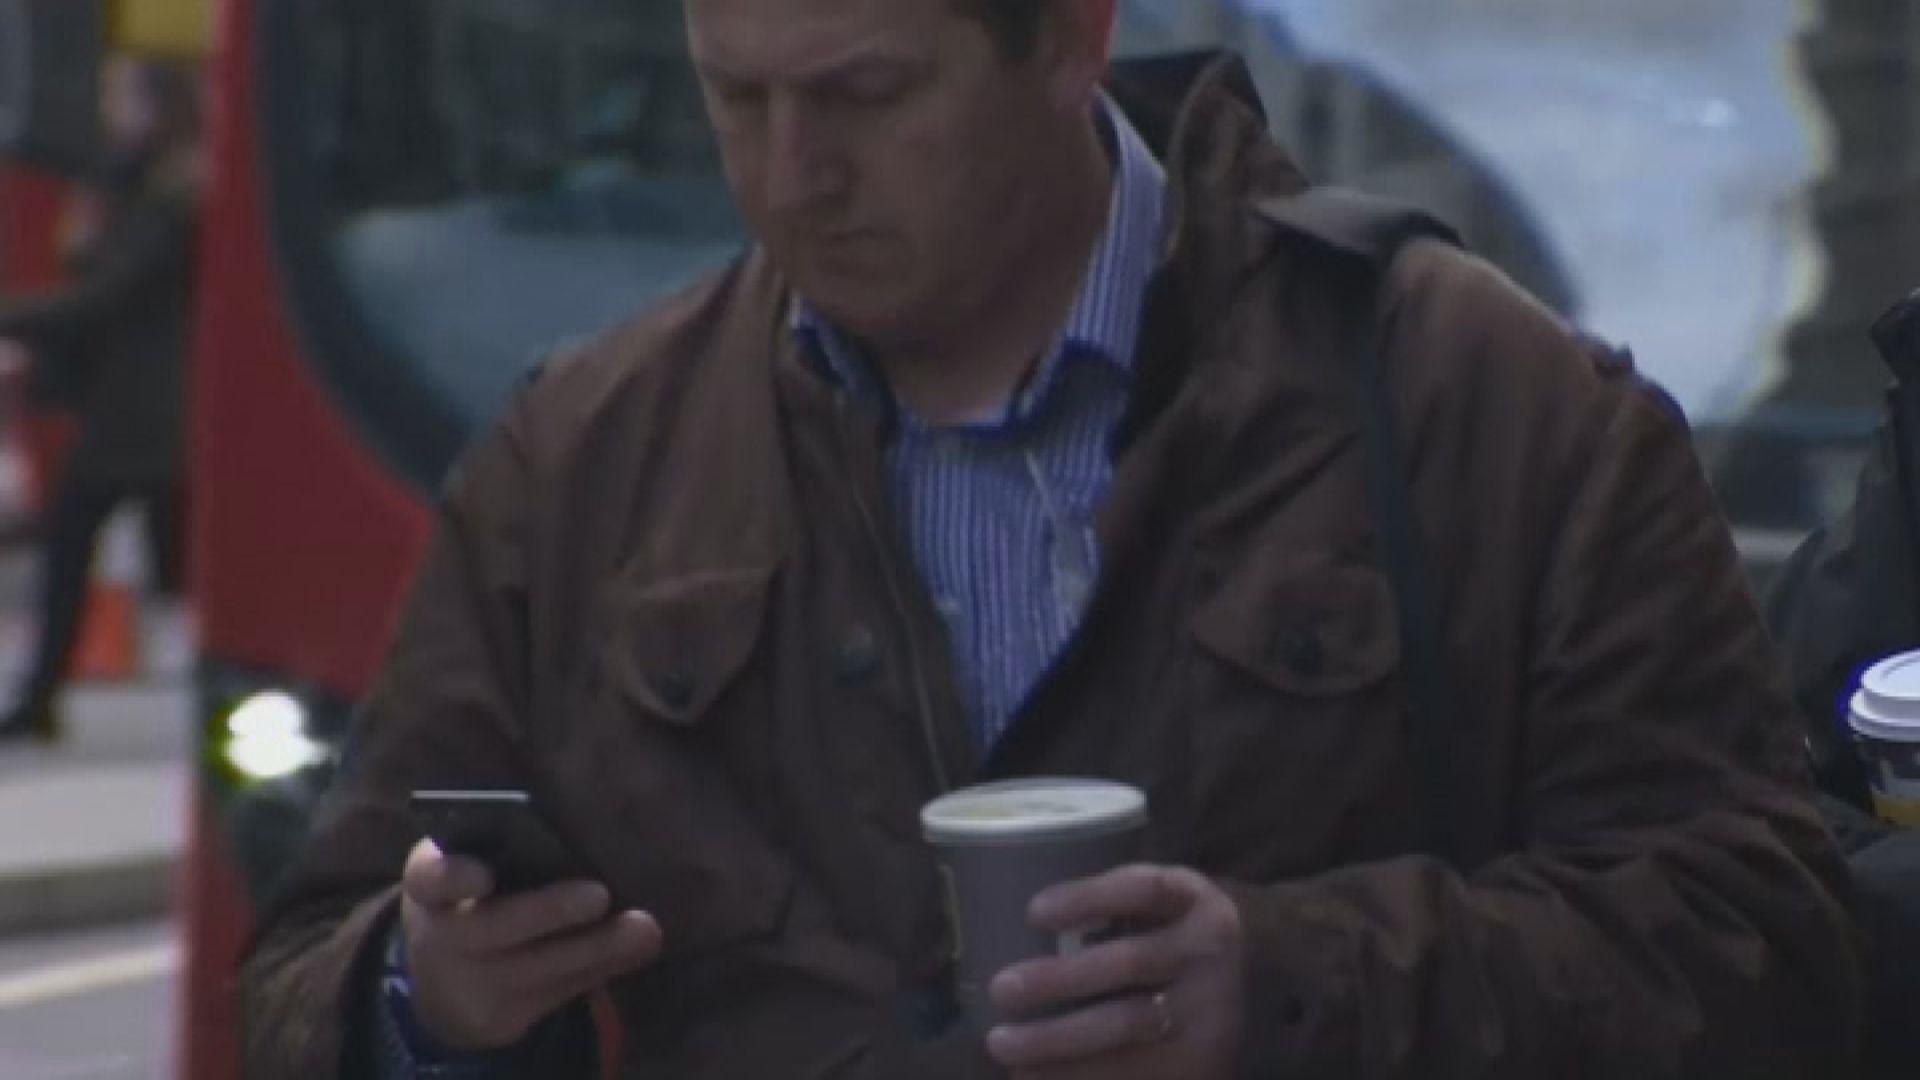 英國電訊商O2將測試華為5G通訊系統